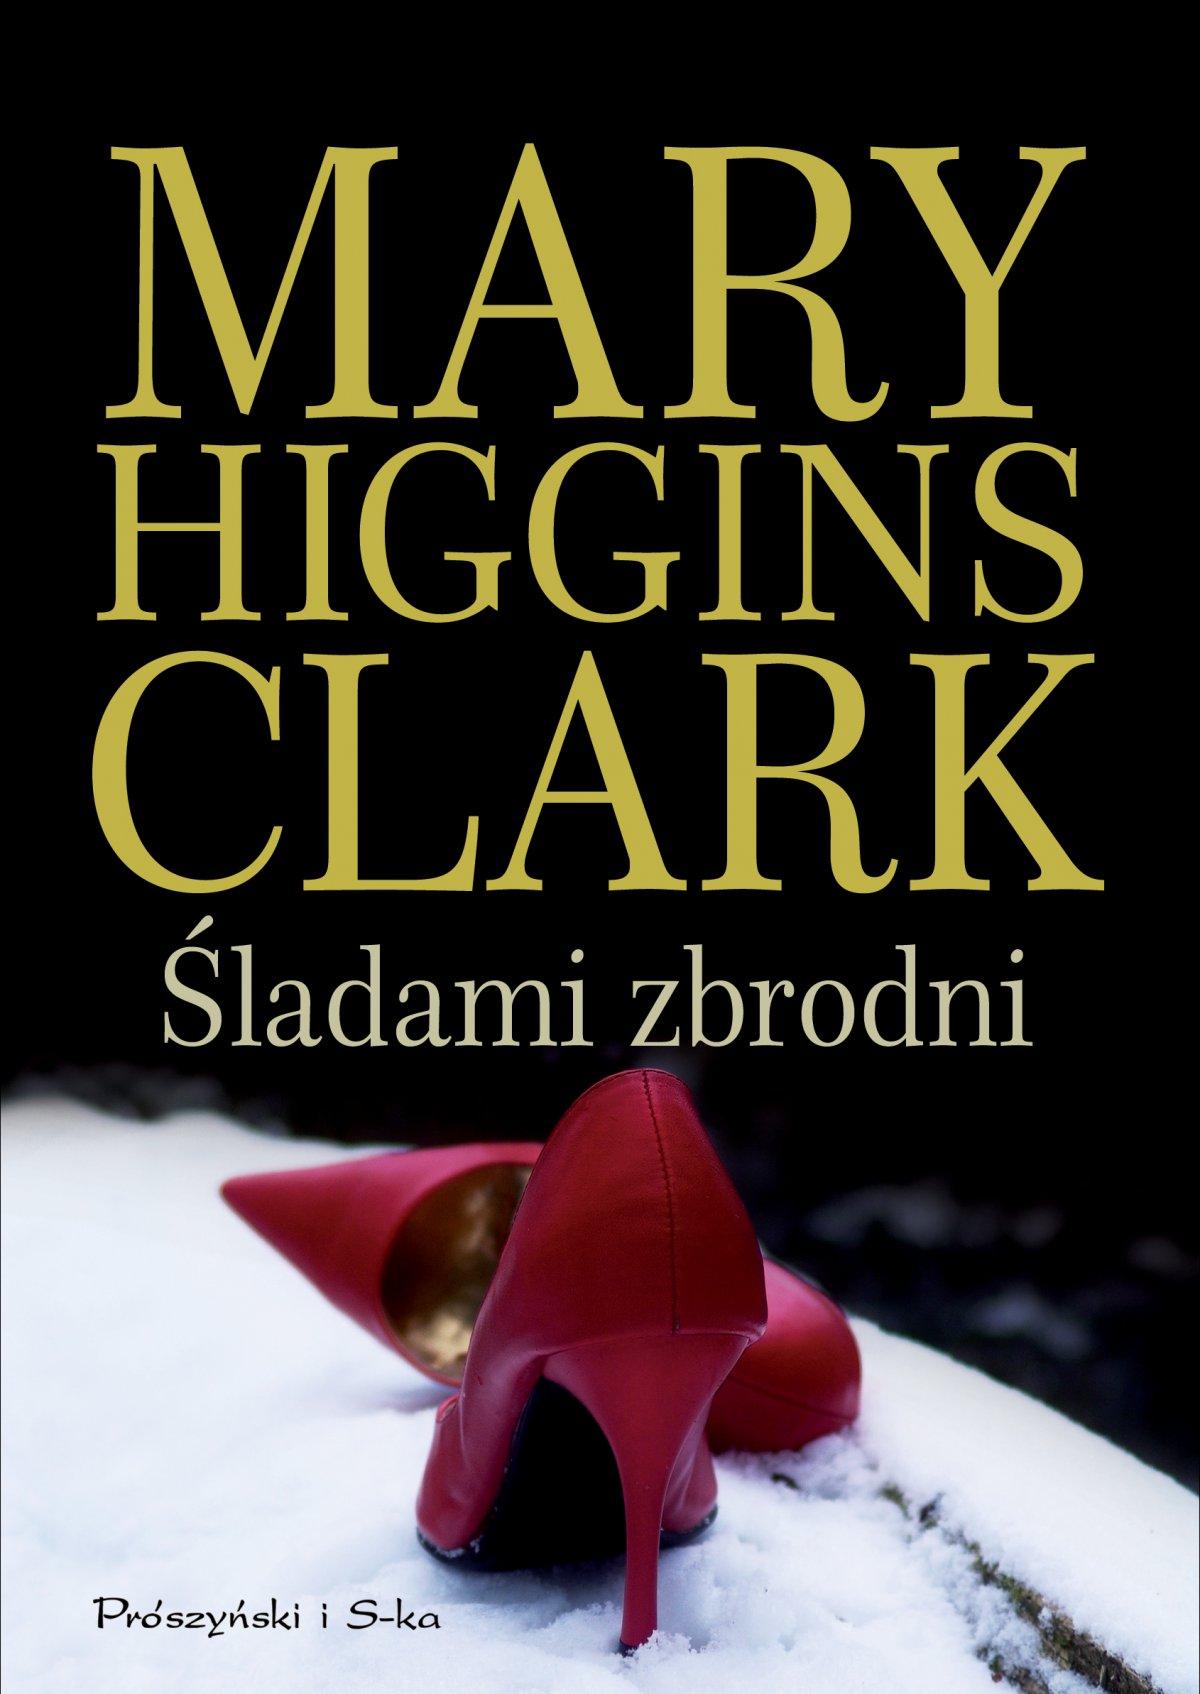 Śladami zbrodni - Ebook (Książka na Kindle) do pobrania w formacie MOBI